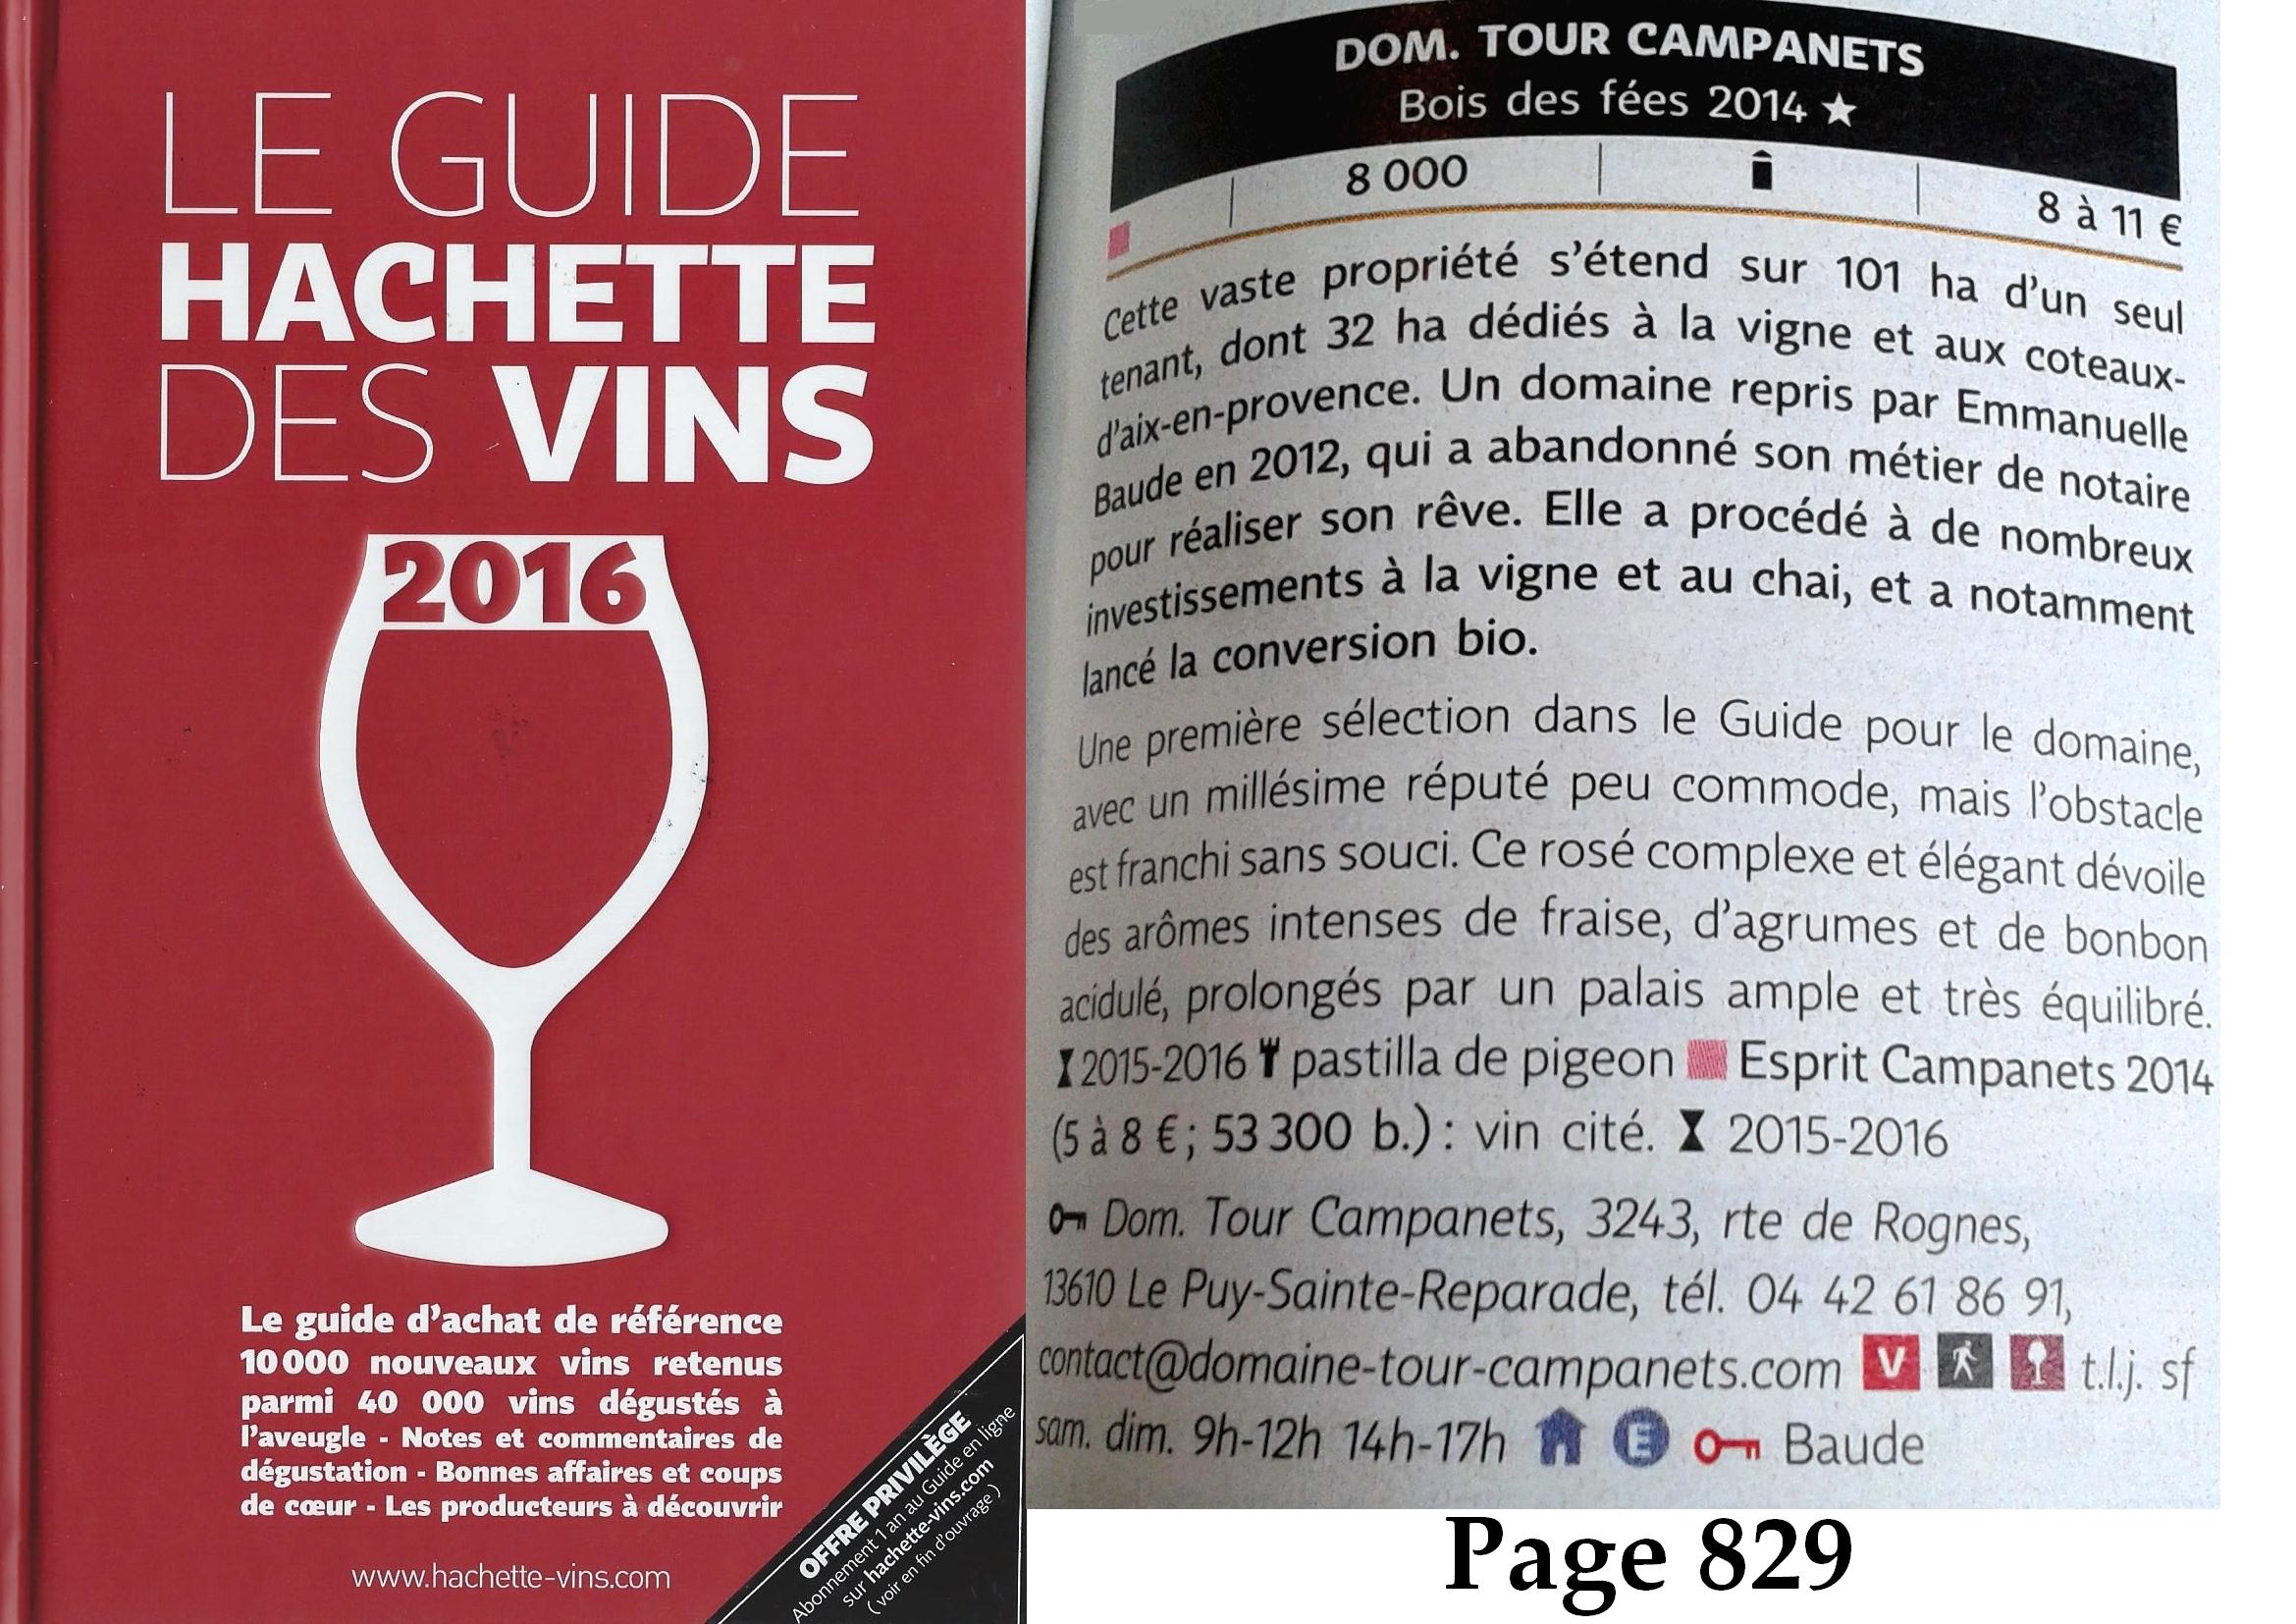 Domaine Tour Campanets - Guide Hachette des Vins 2016 !